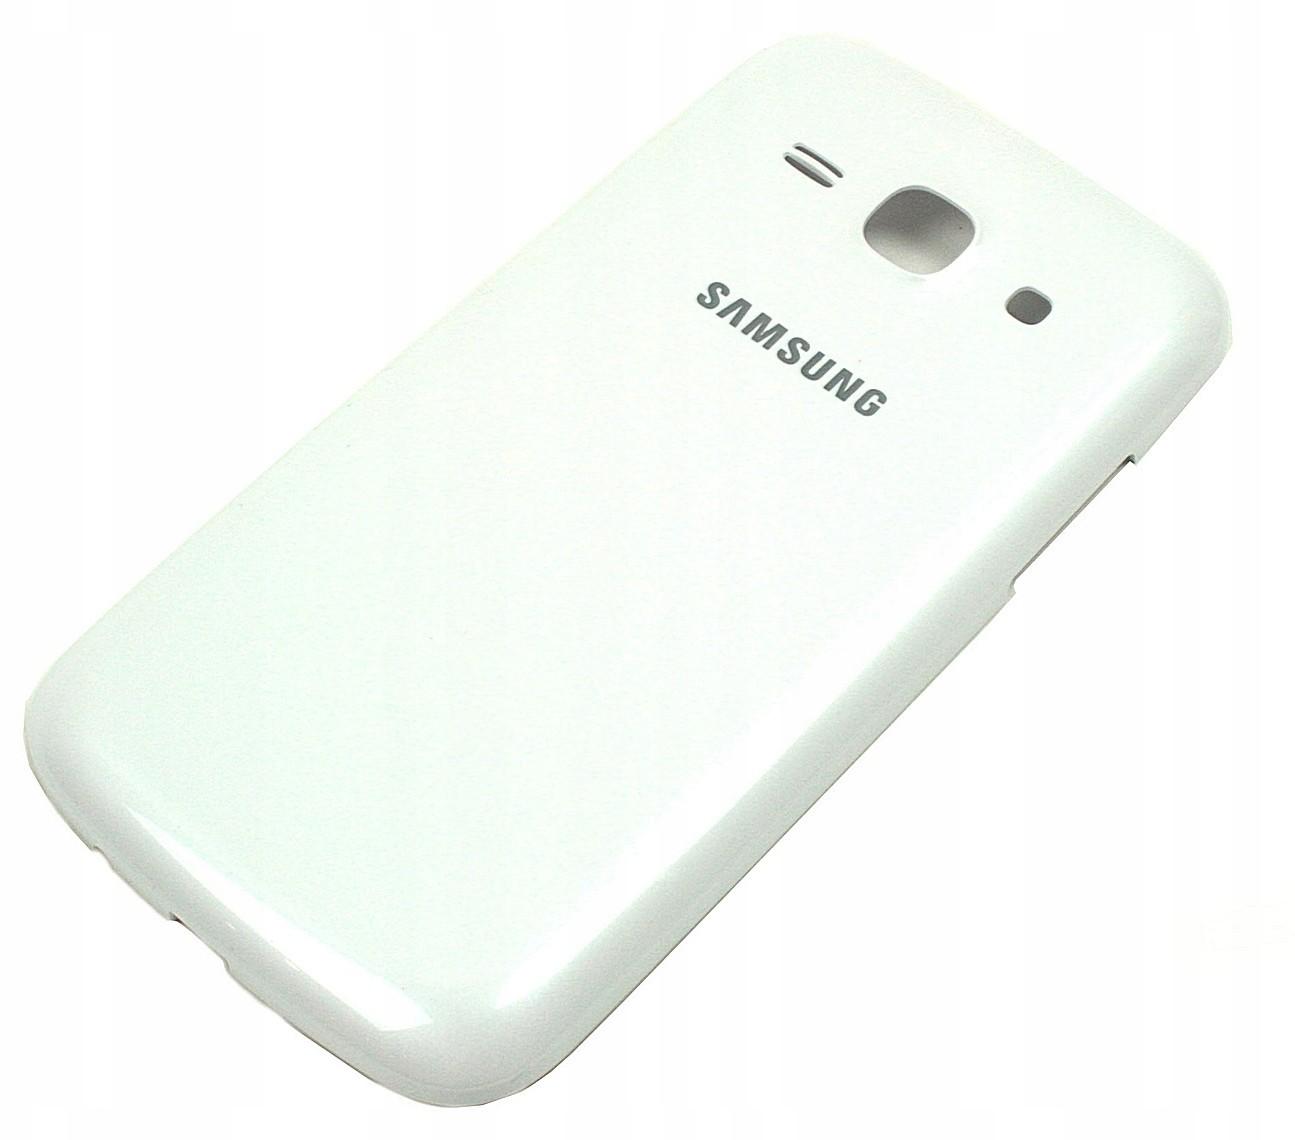 Samsung Oryg Klapka Obudowa Do Galaxy Ace 3 S7270